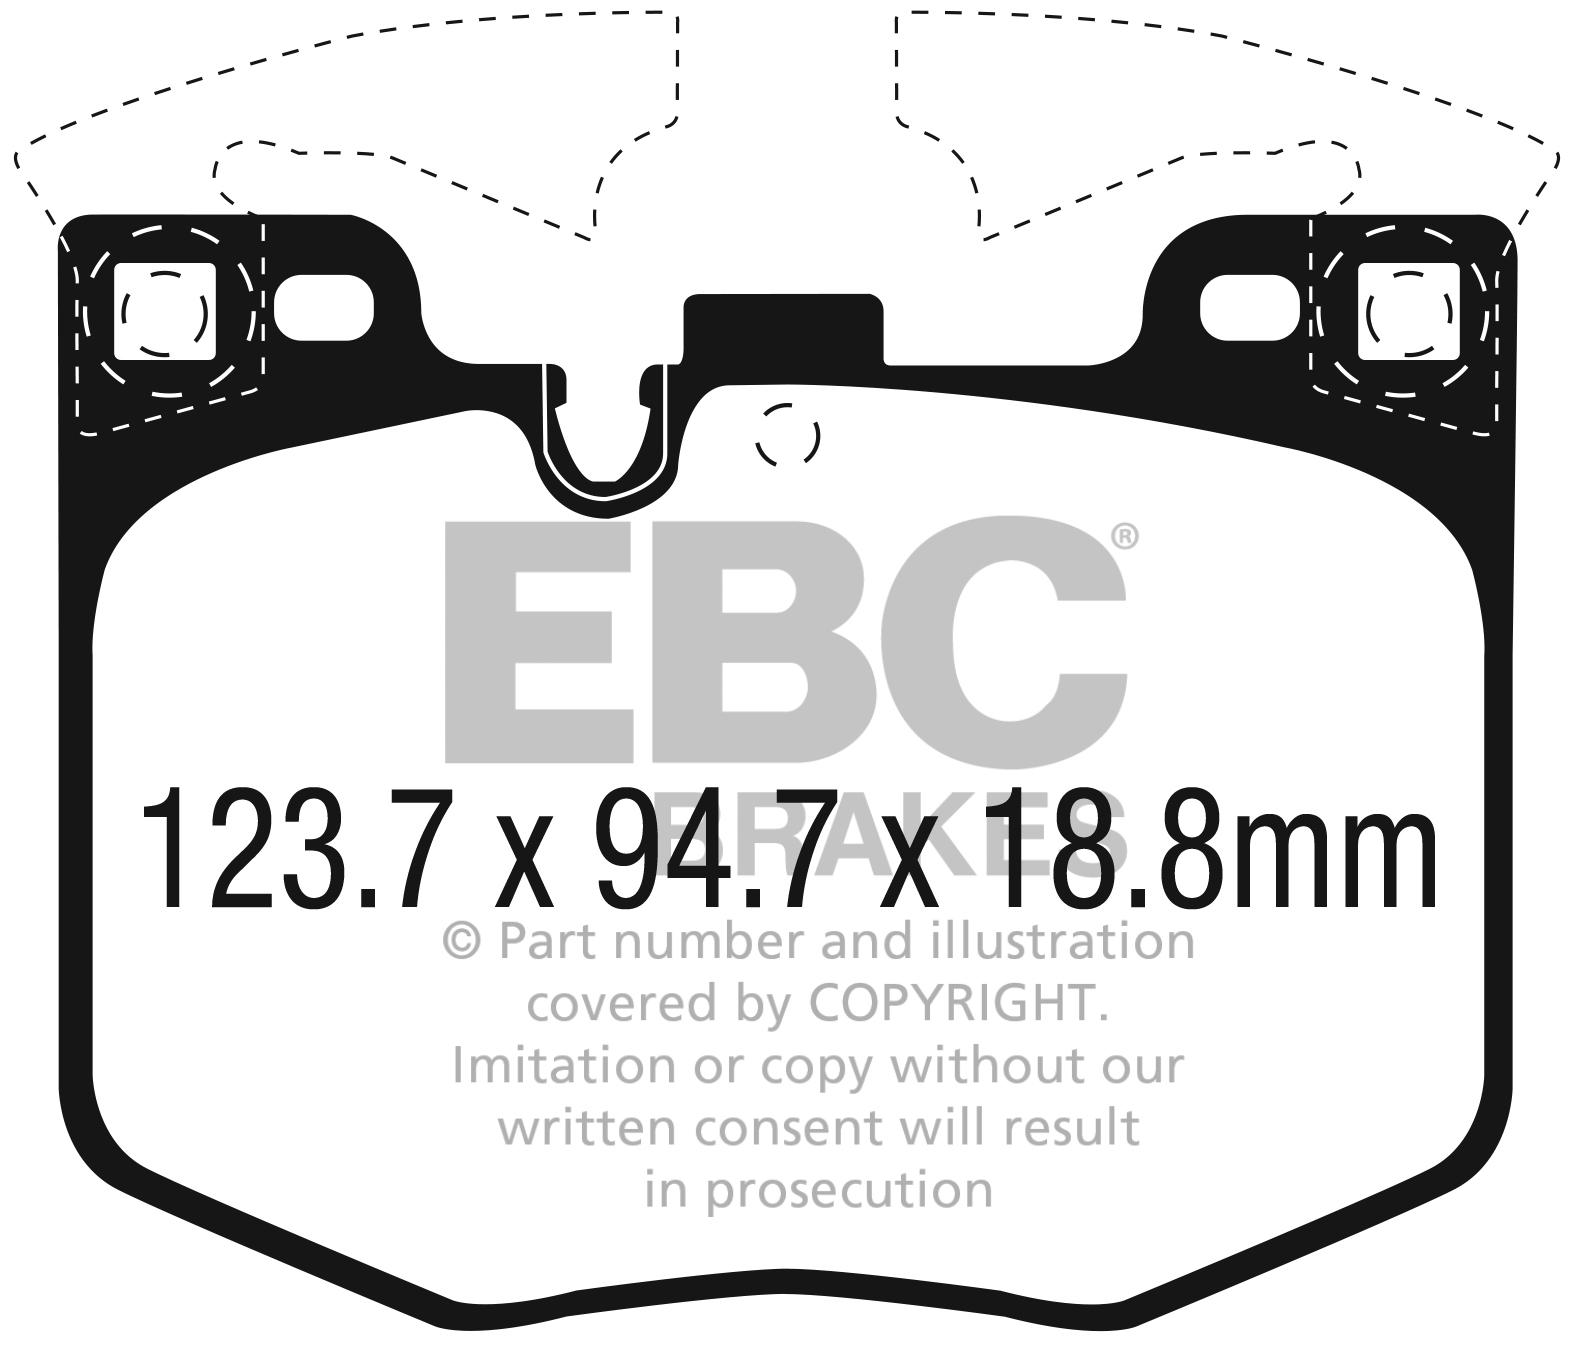 Bmw Z4 3 0 Turbo M40 335bhp